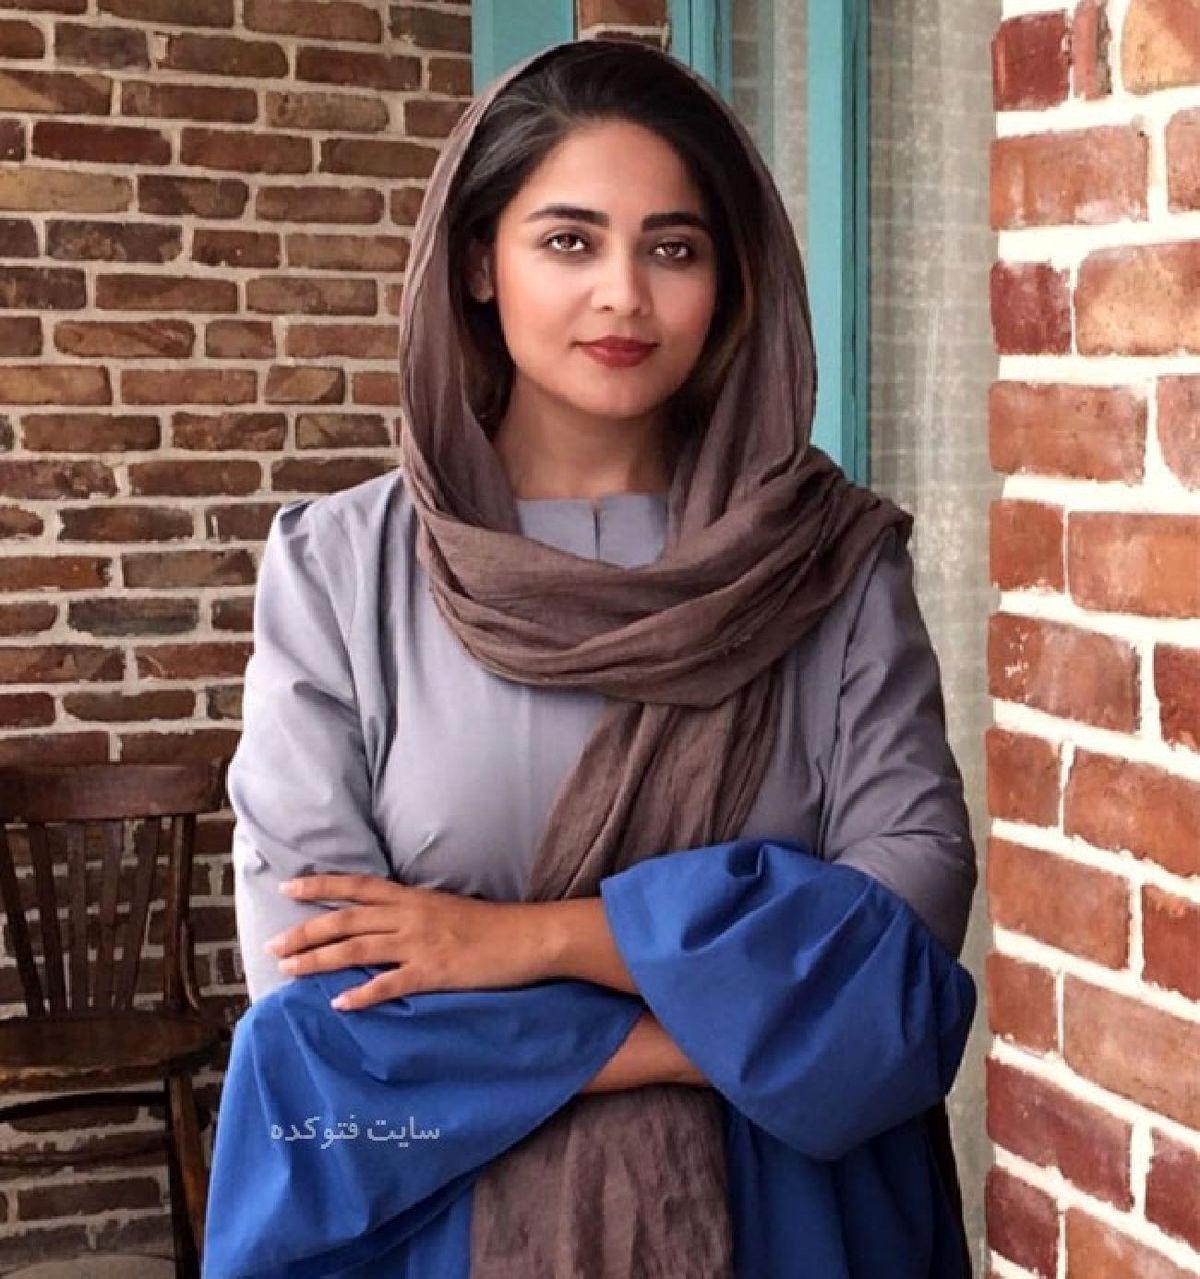 پایتخت 6 | عکس های مدلینگ و زیبای دختر محمود نقاش لو رفت + بیوگرافی